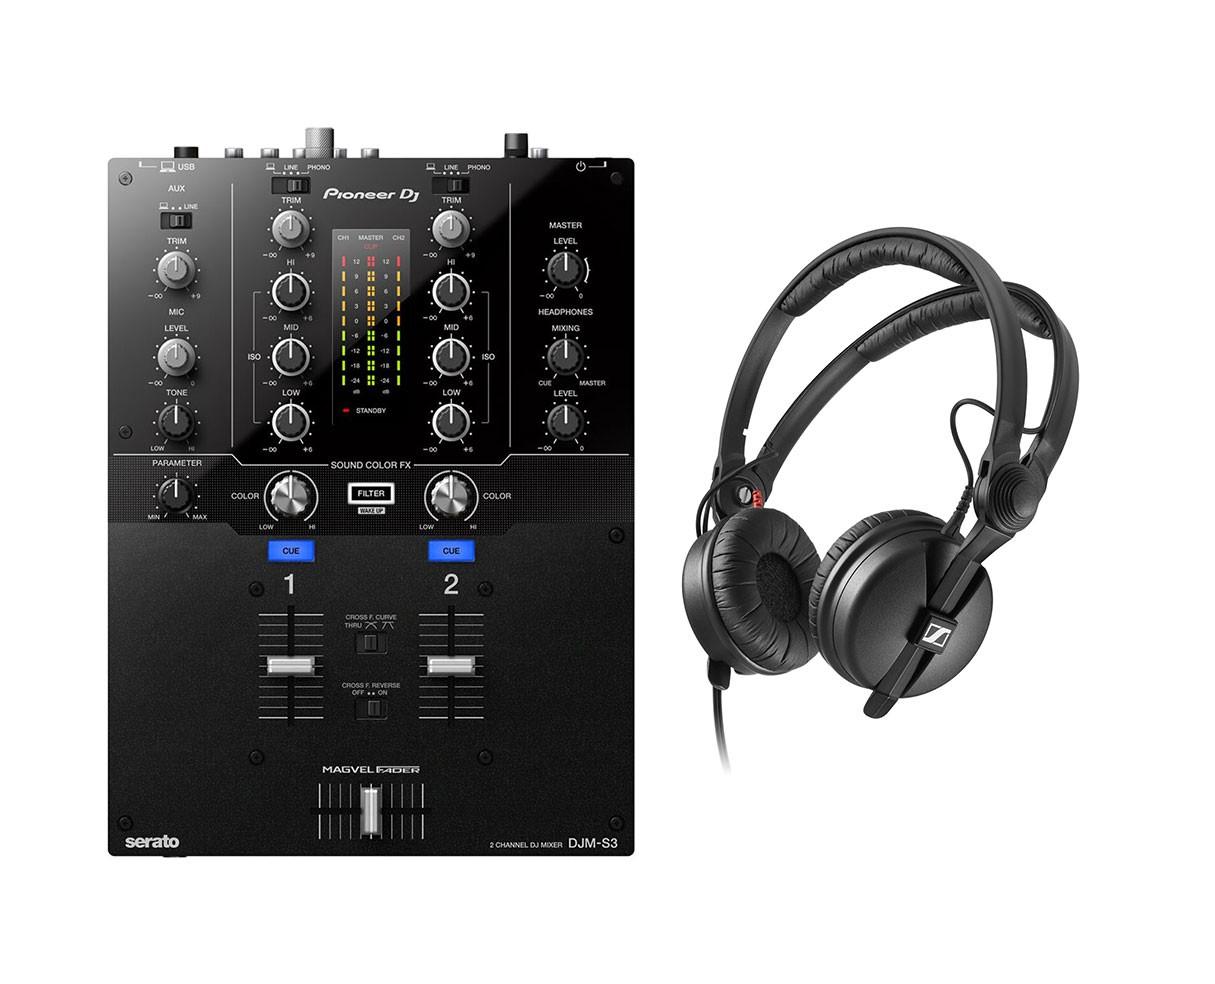 Pioneer DJM-S3 + HD 25